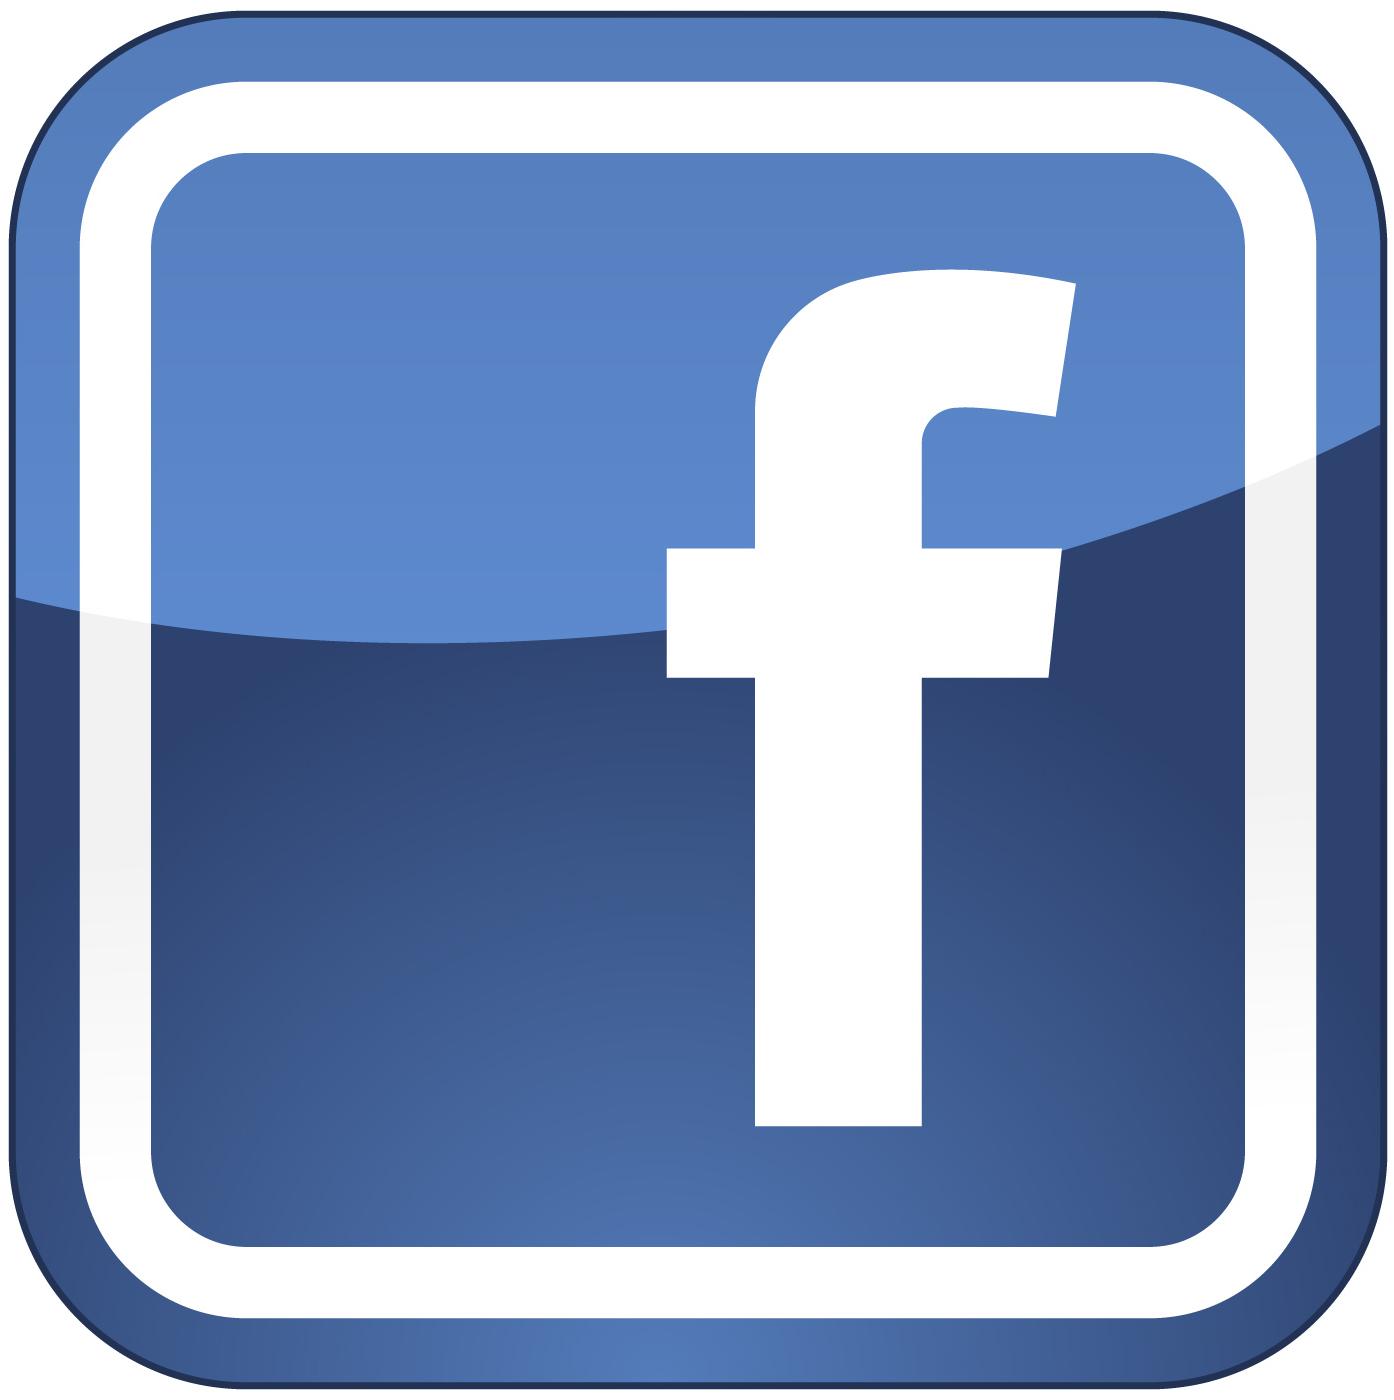 Facebook Png 02 Image #16-Facebook Png 02 image #16-14